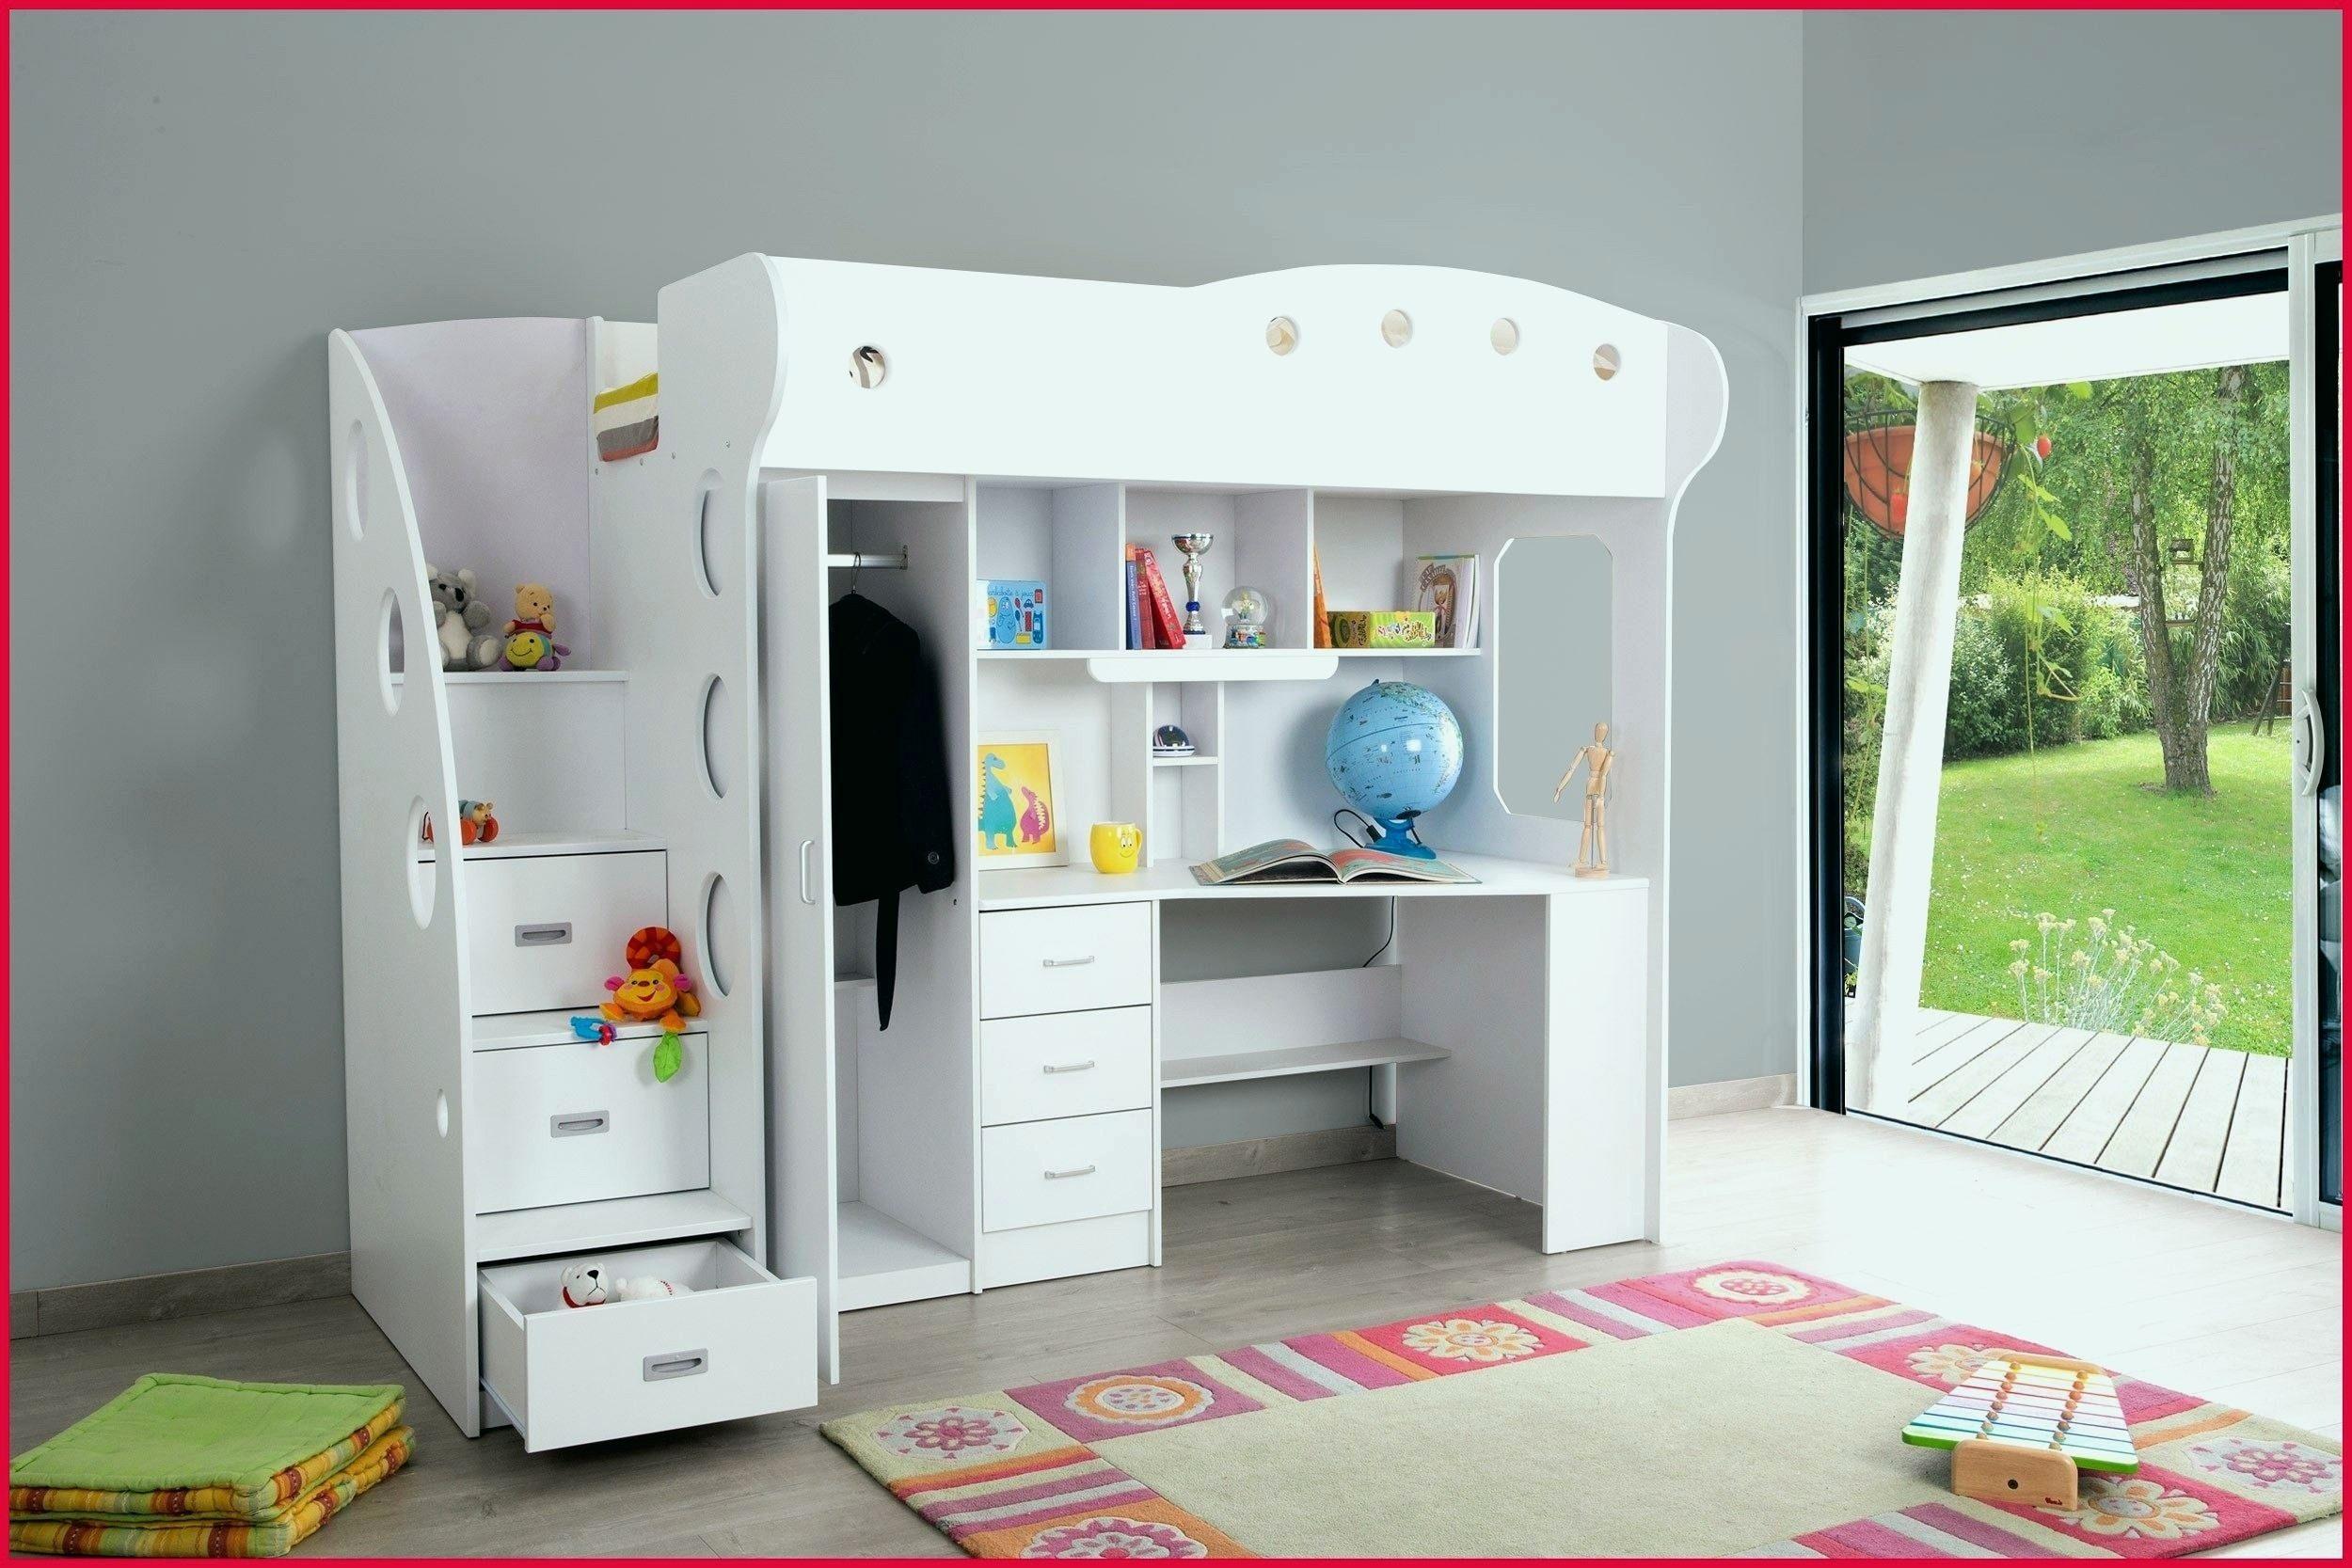 Cabane Lit Enfant De Luxe Armoire originale Pour Fille Meuble Pour Chambre Fille Nouveau